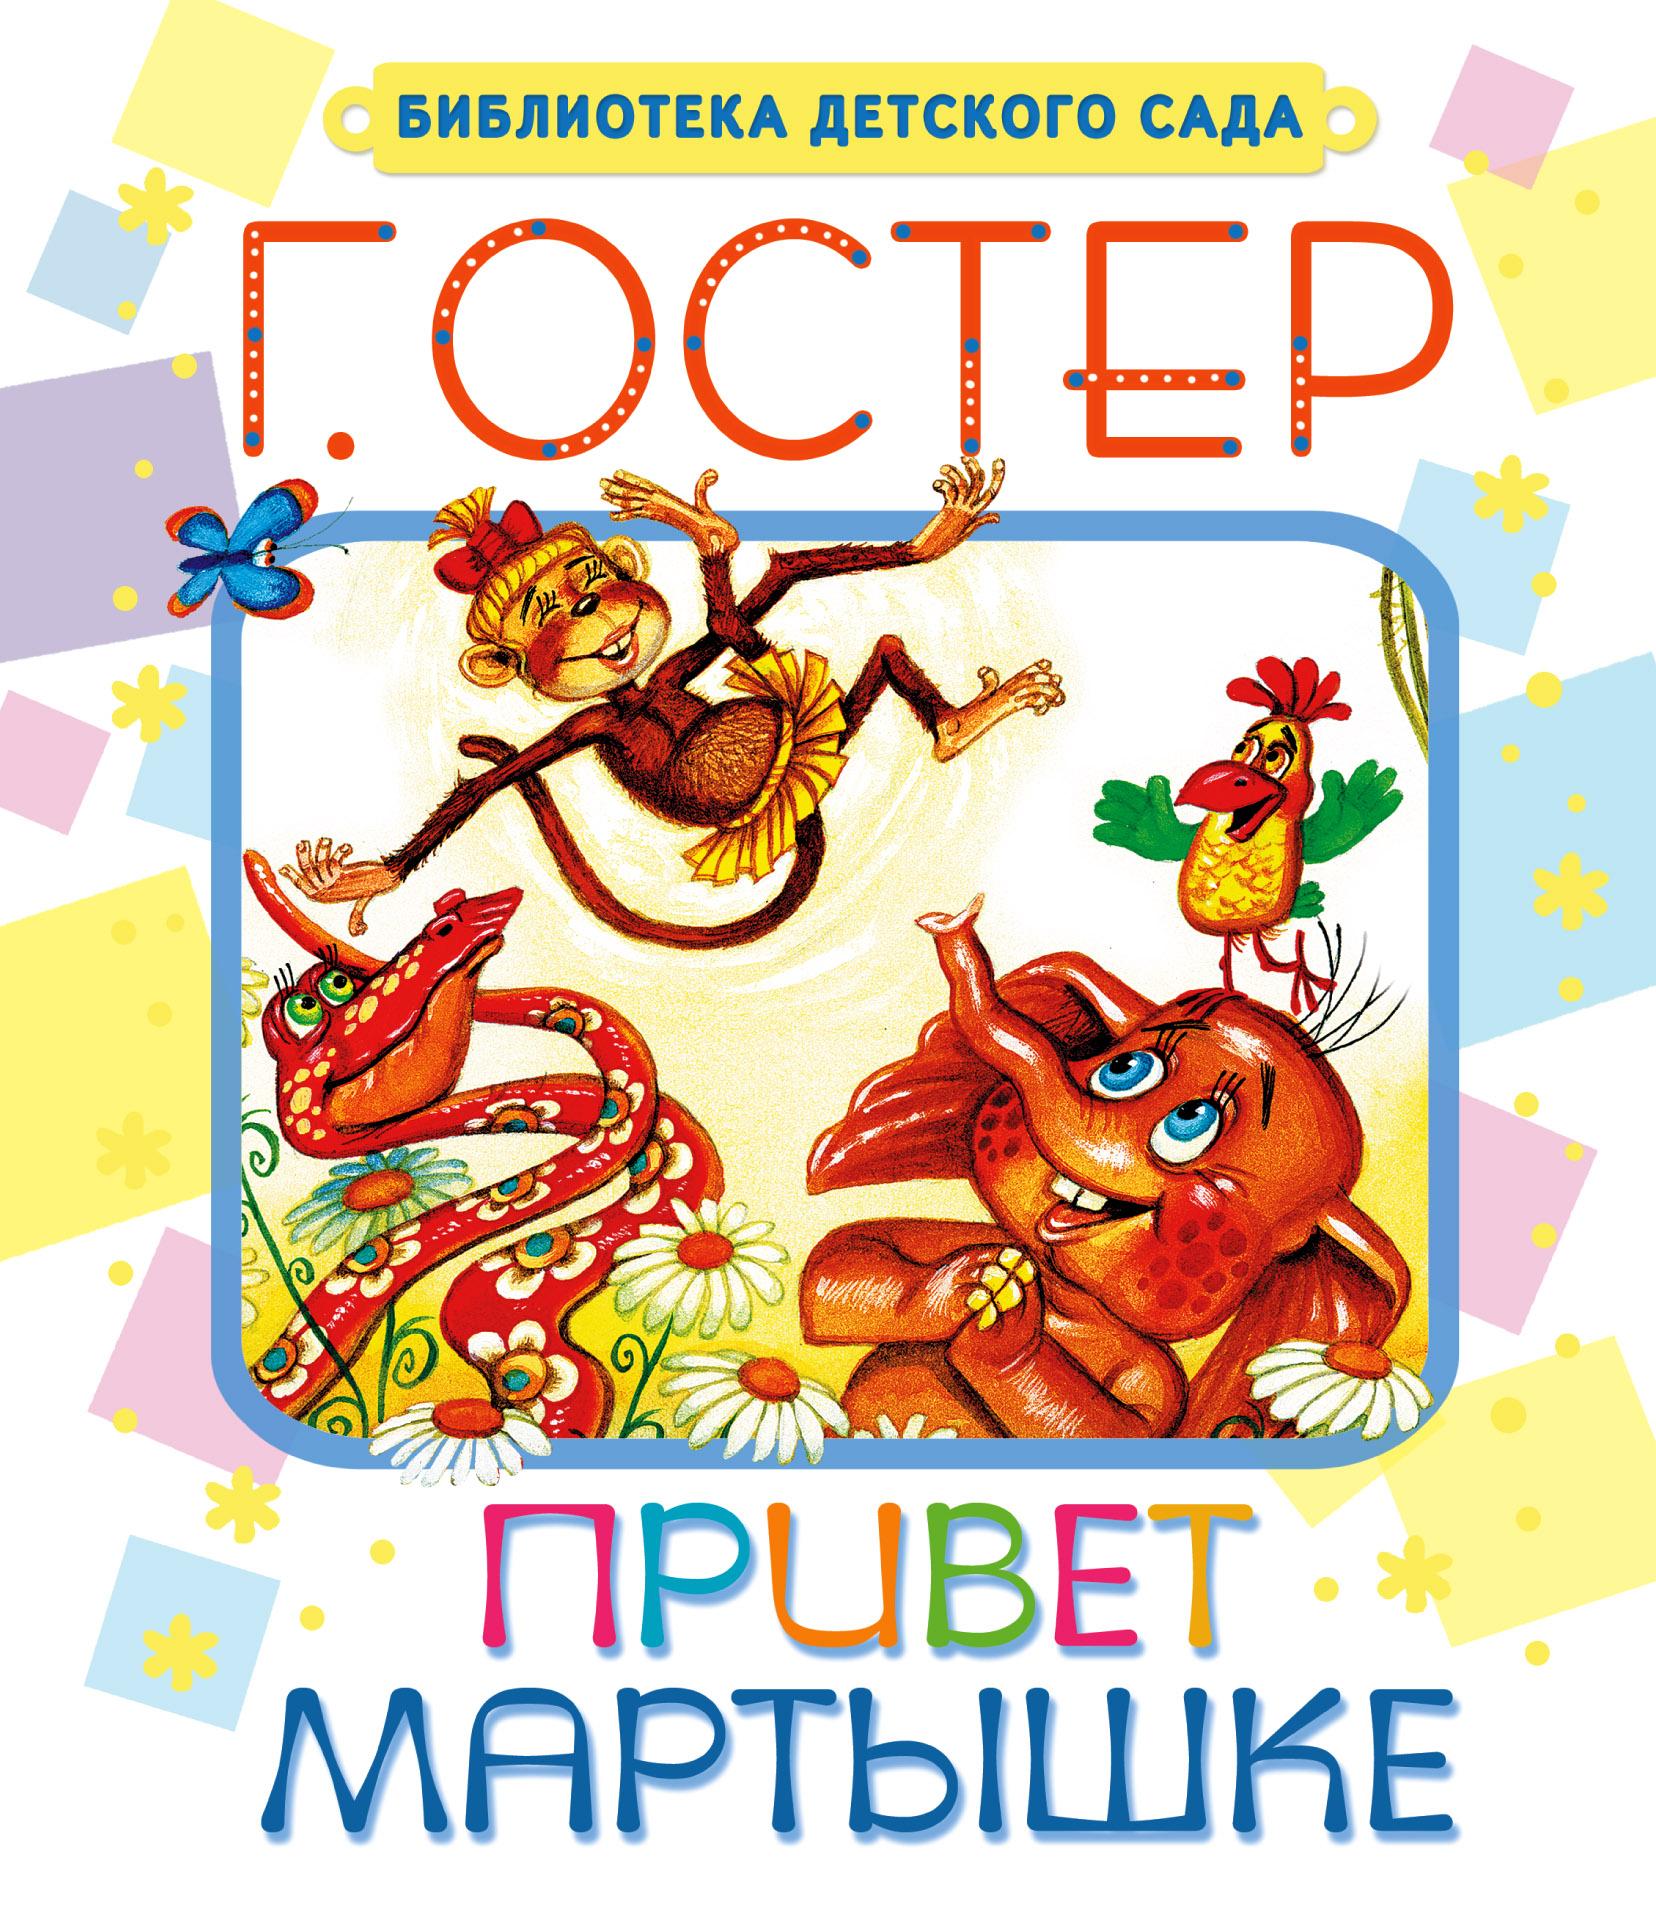 Купить Привет мартышке, Григорий Остер, 978-5-17-088723-1, 978-5-89624-609